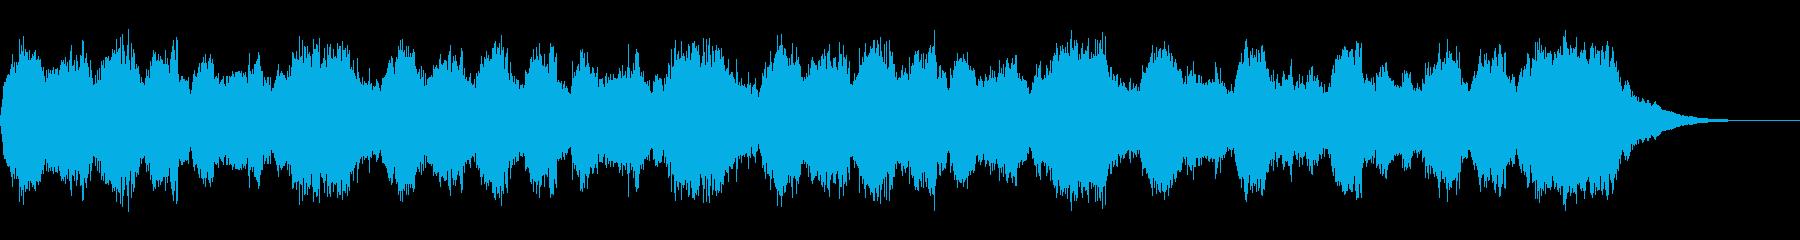 テーマ「撤退」30秒BGMの再生済みの波形